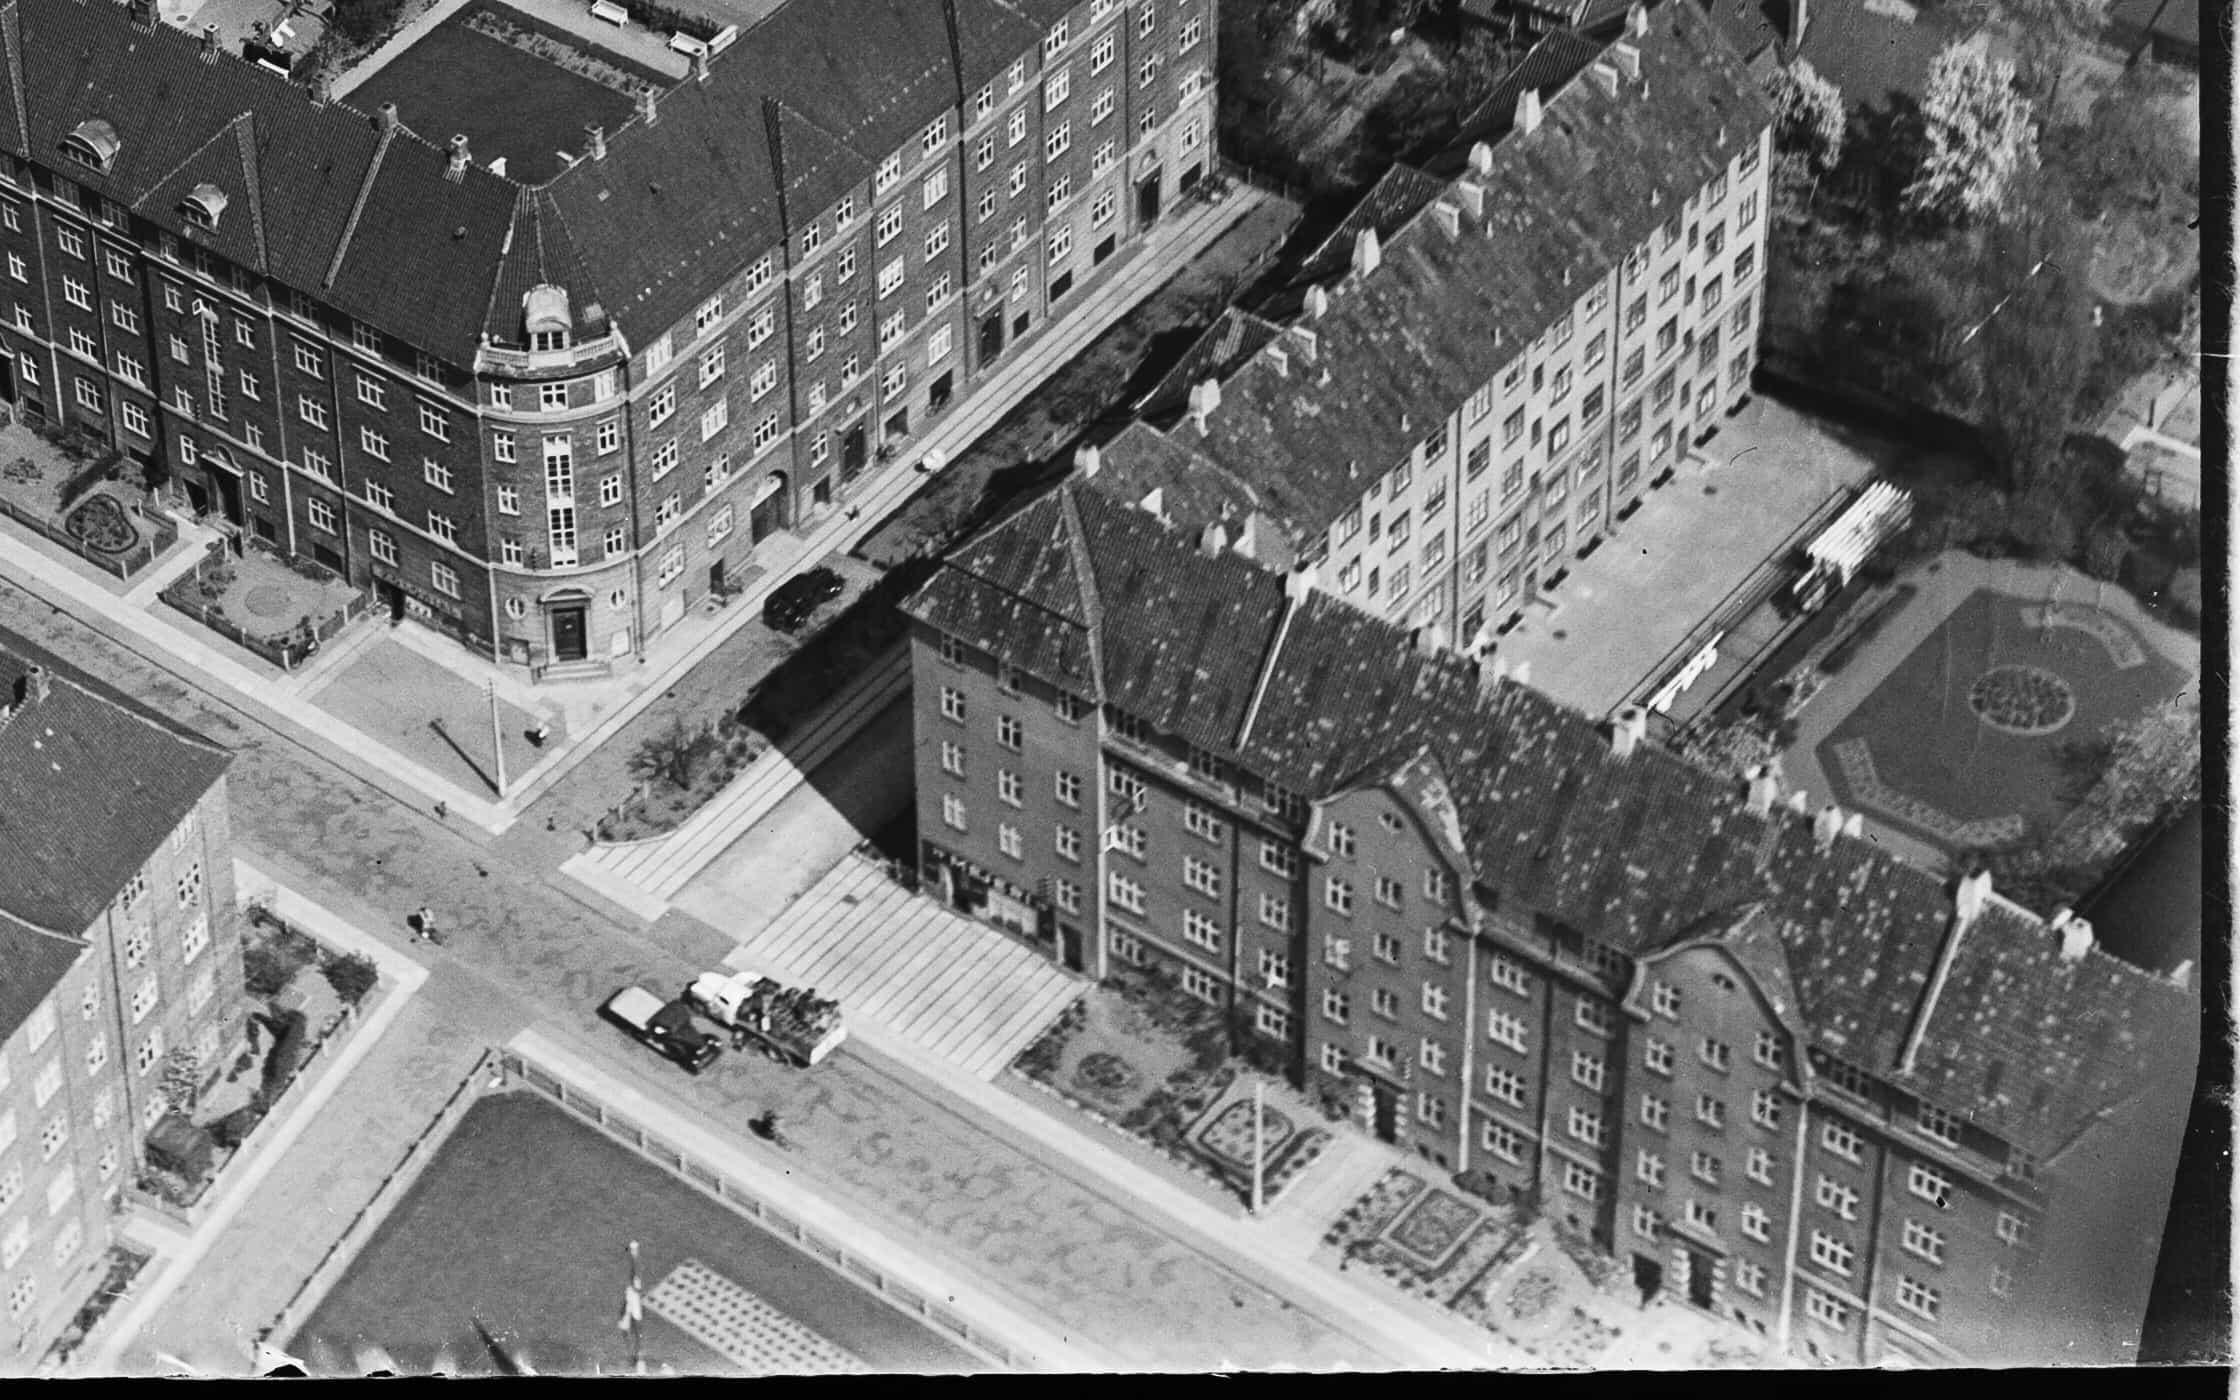 Luftfoto af A/B Tjenestemændenes Byggeforening 1950-1954. Ismejeriet ses på hjørnet ved opgang 29. Ophav: Kgl. Bibliotek, fotograf Svend Andersen.